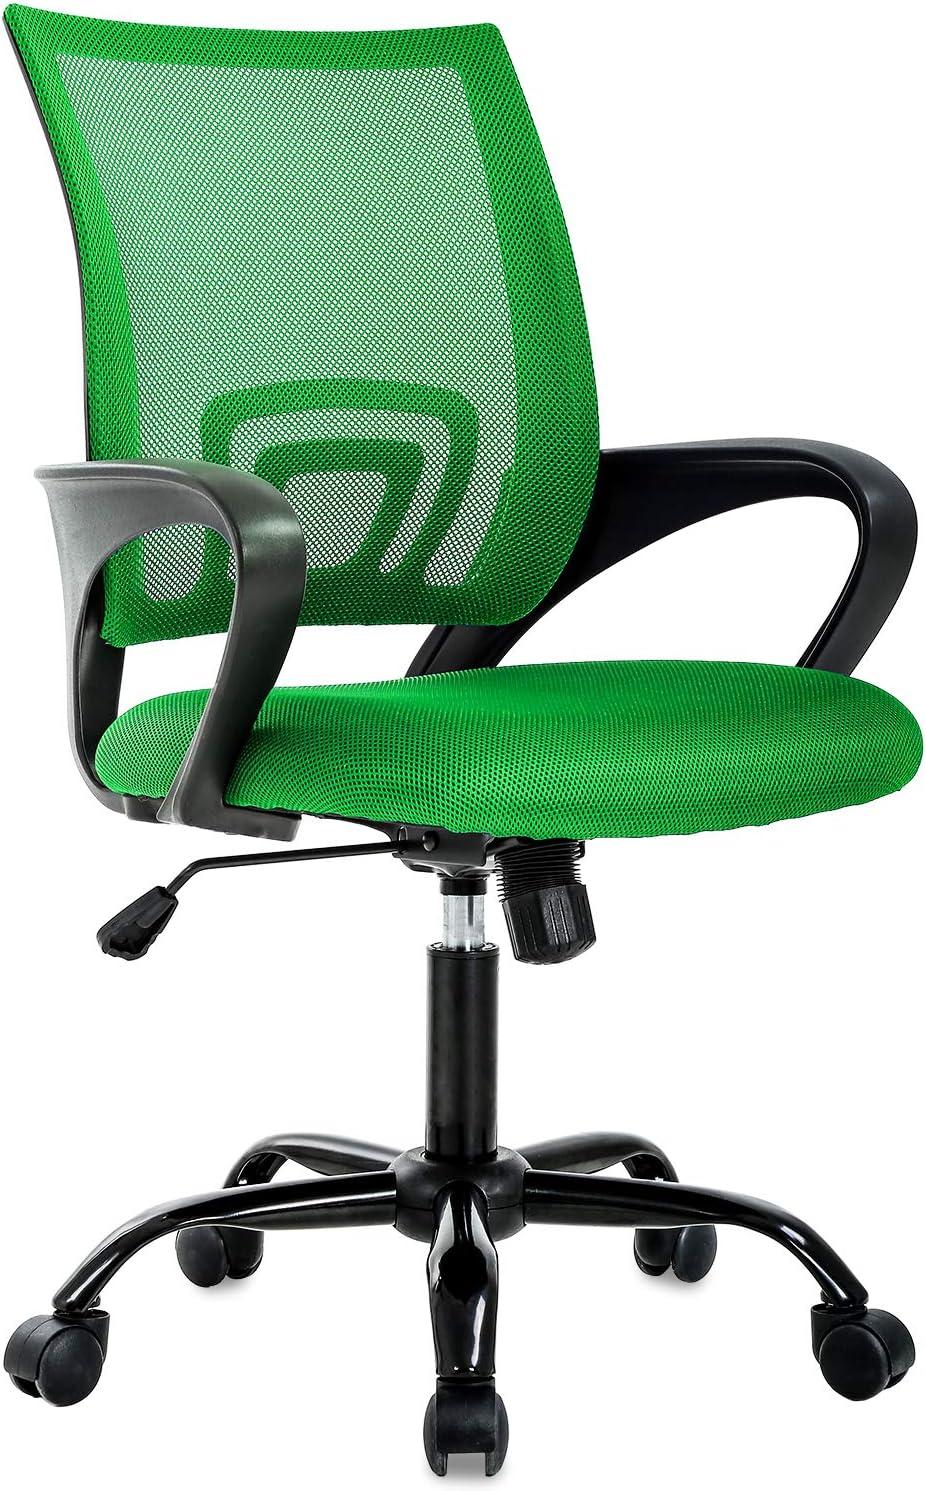 Ergonomic Office Chair Desk Chair Mesh Executive Computer Chair Lumbar  Support for Women&Men, Green